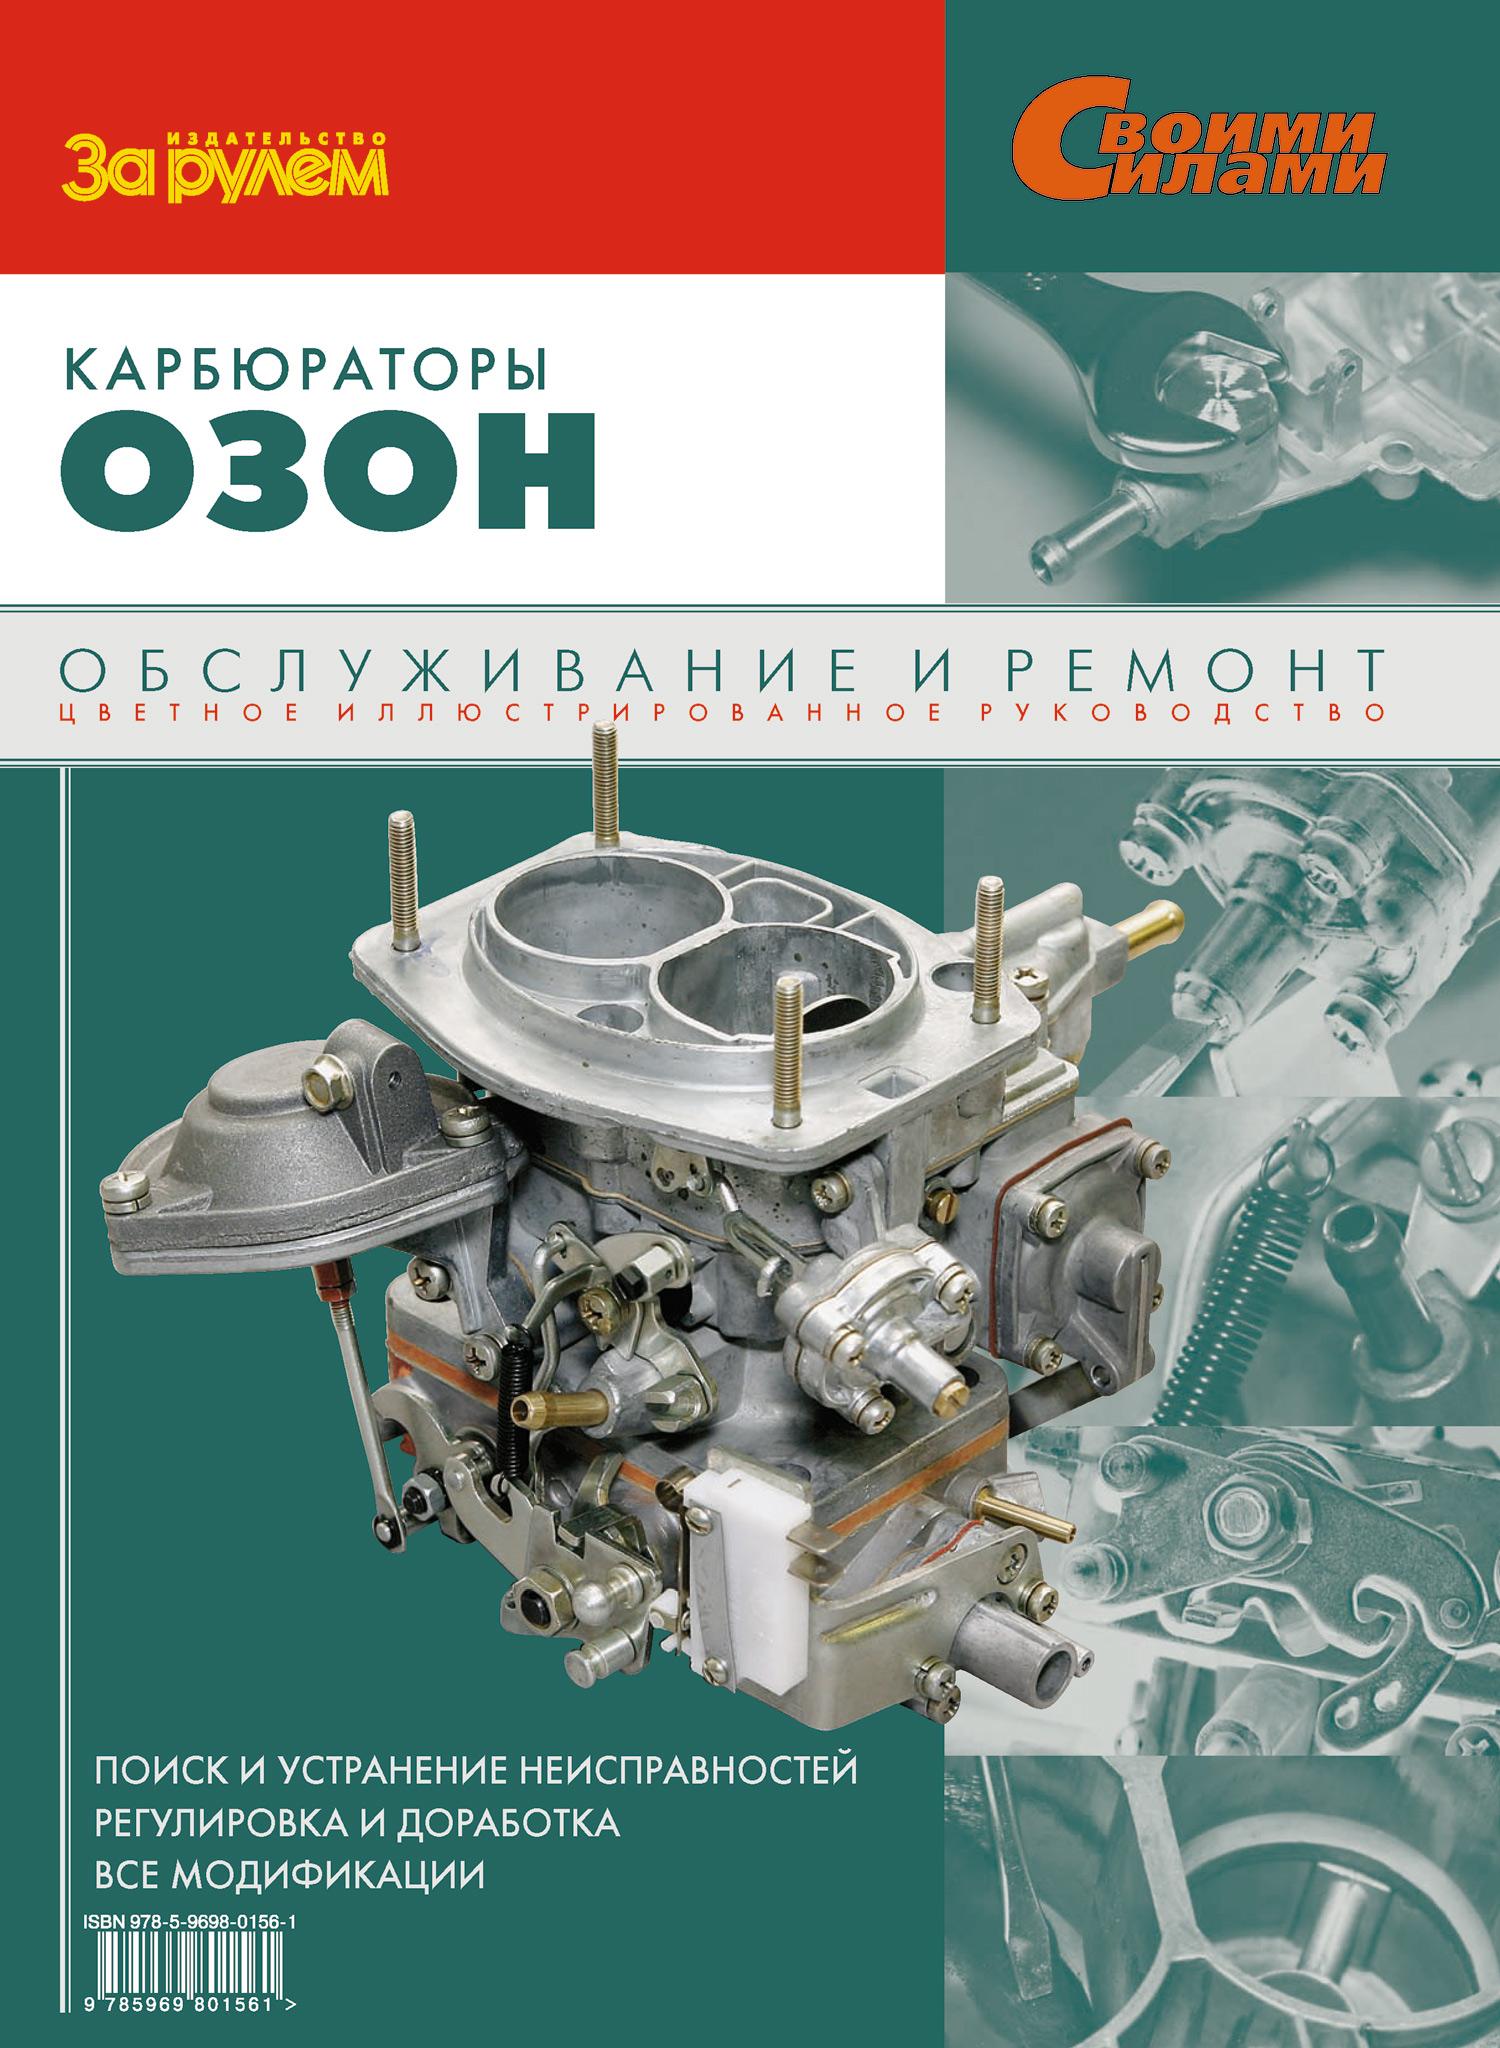 Карбюраторы «Озон». Обслуживание и ремонт: Иллюстрированное руководство